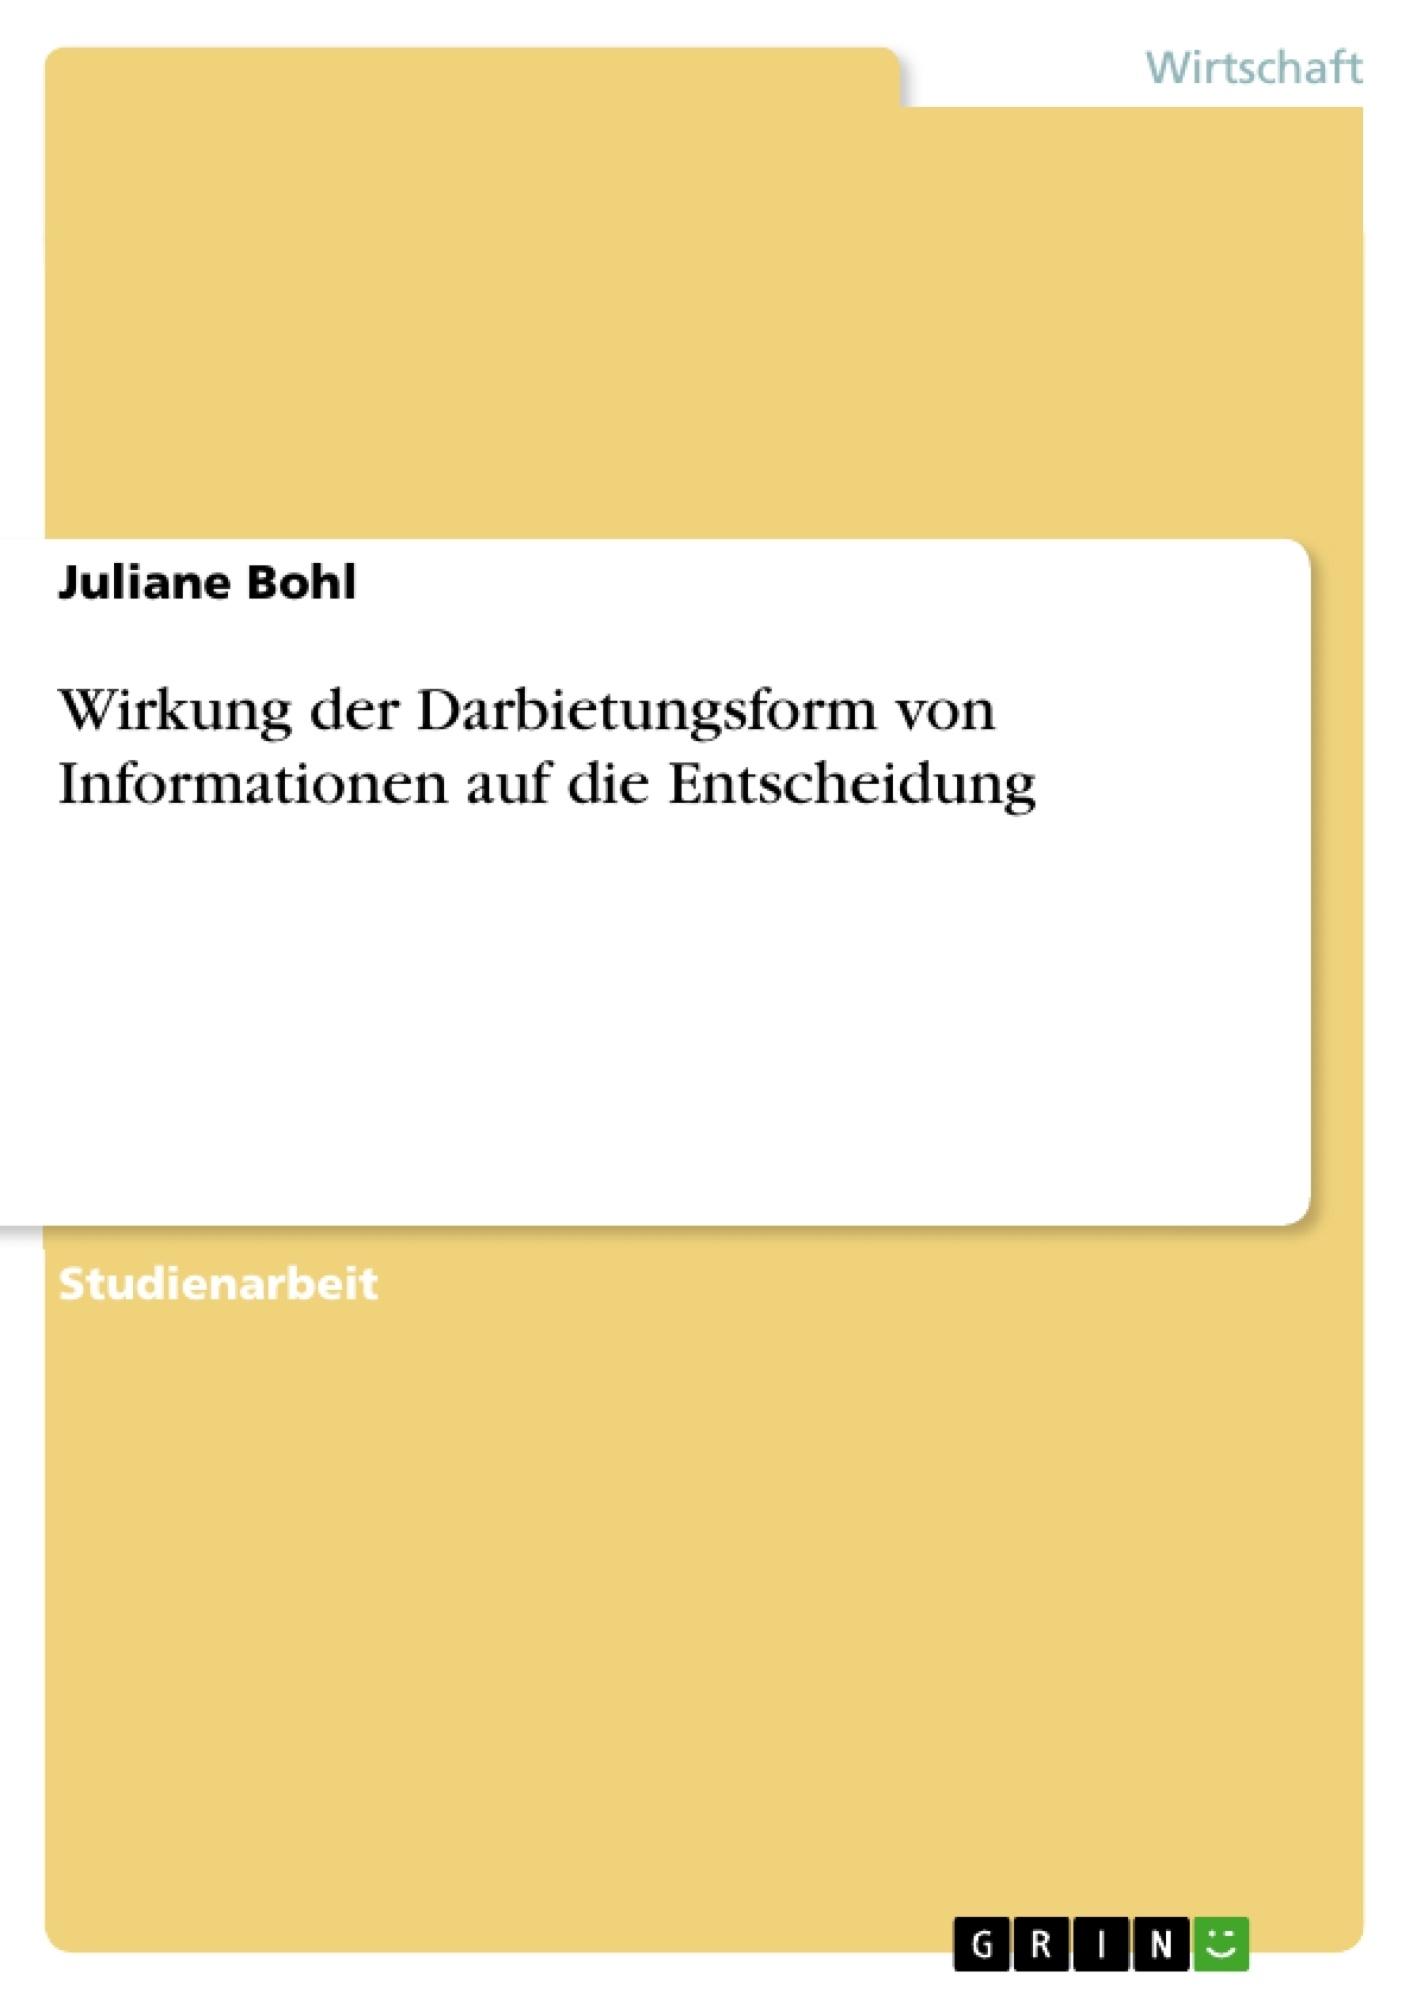 Titel: Wirkung der Darbietungsform von Informationen auf die Entscheidung